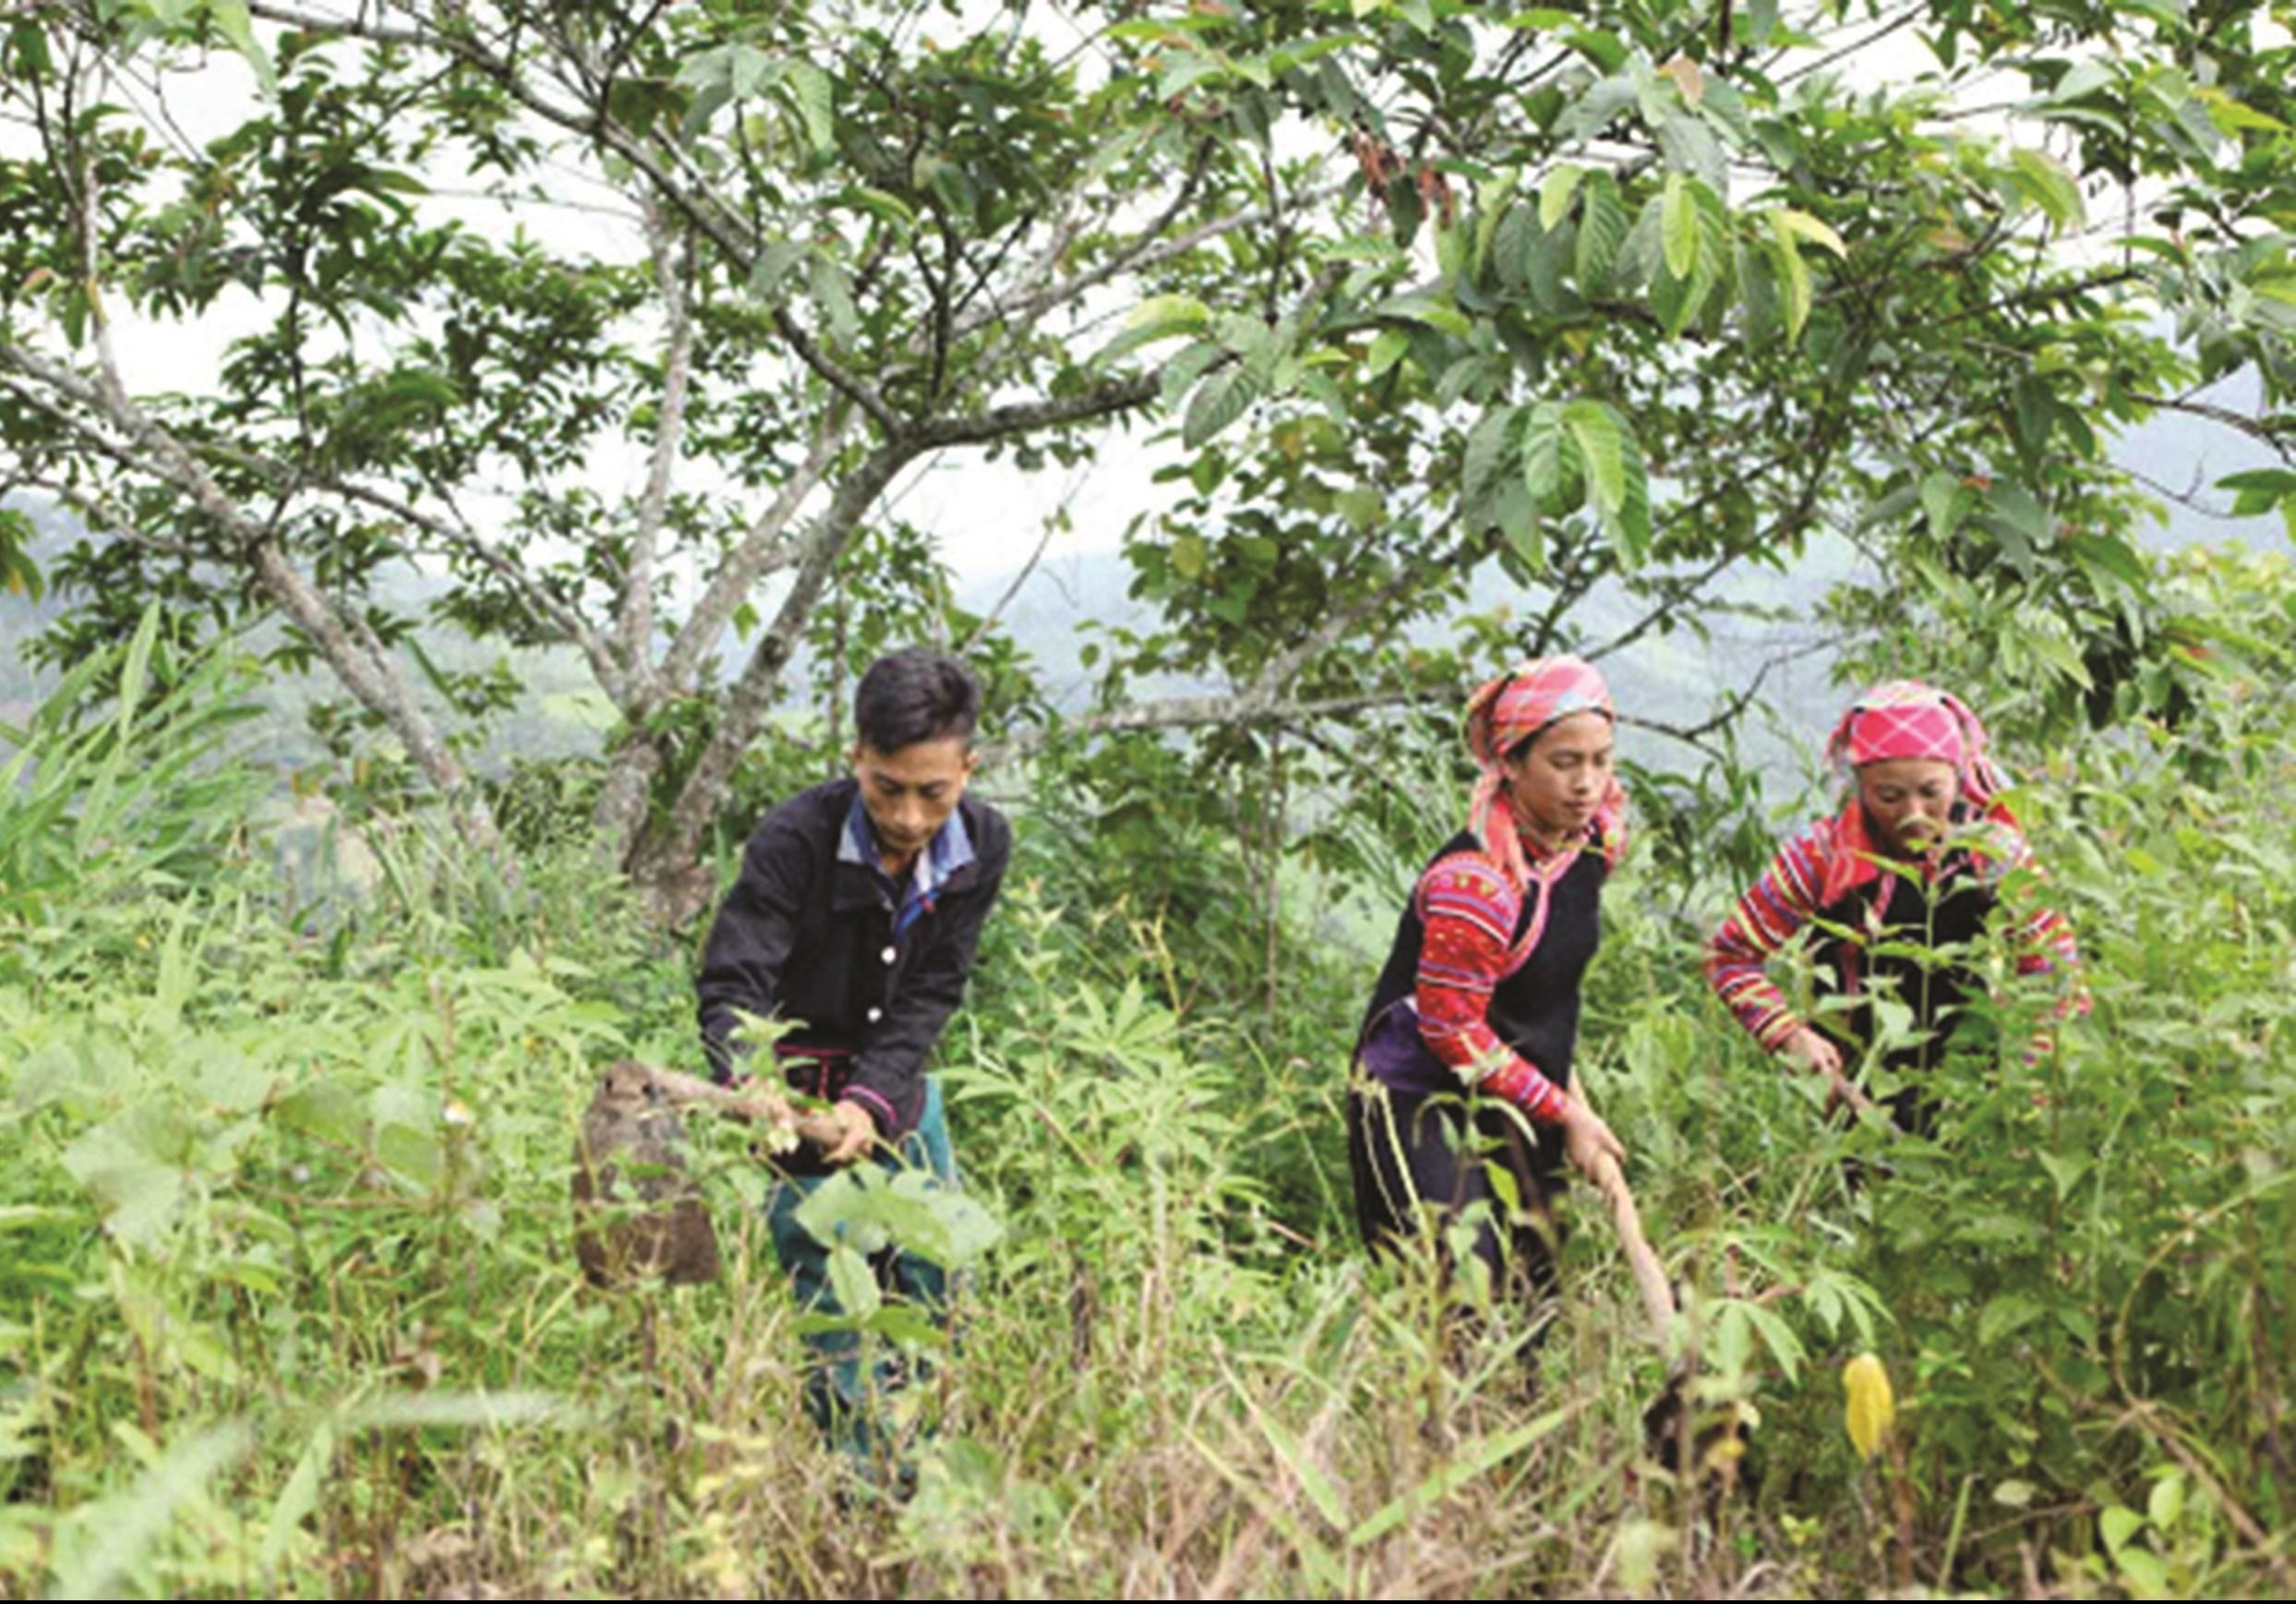 Sản xuất lâm nghiệp vừa phát triển kinh tế, vừa gắn với bảo vệ rừng.